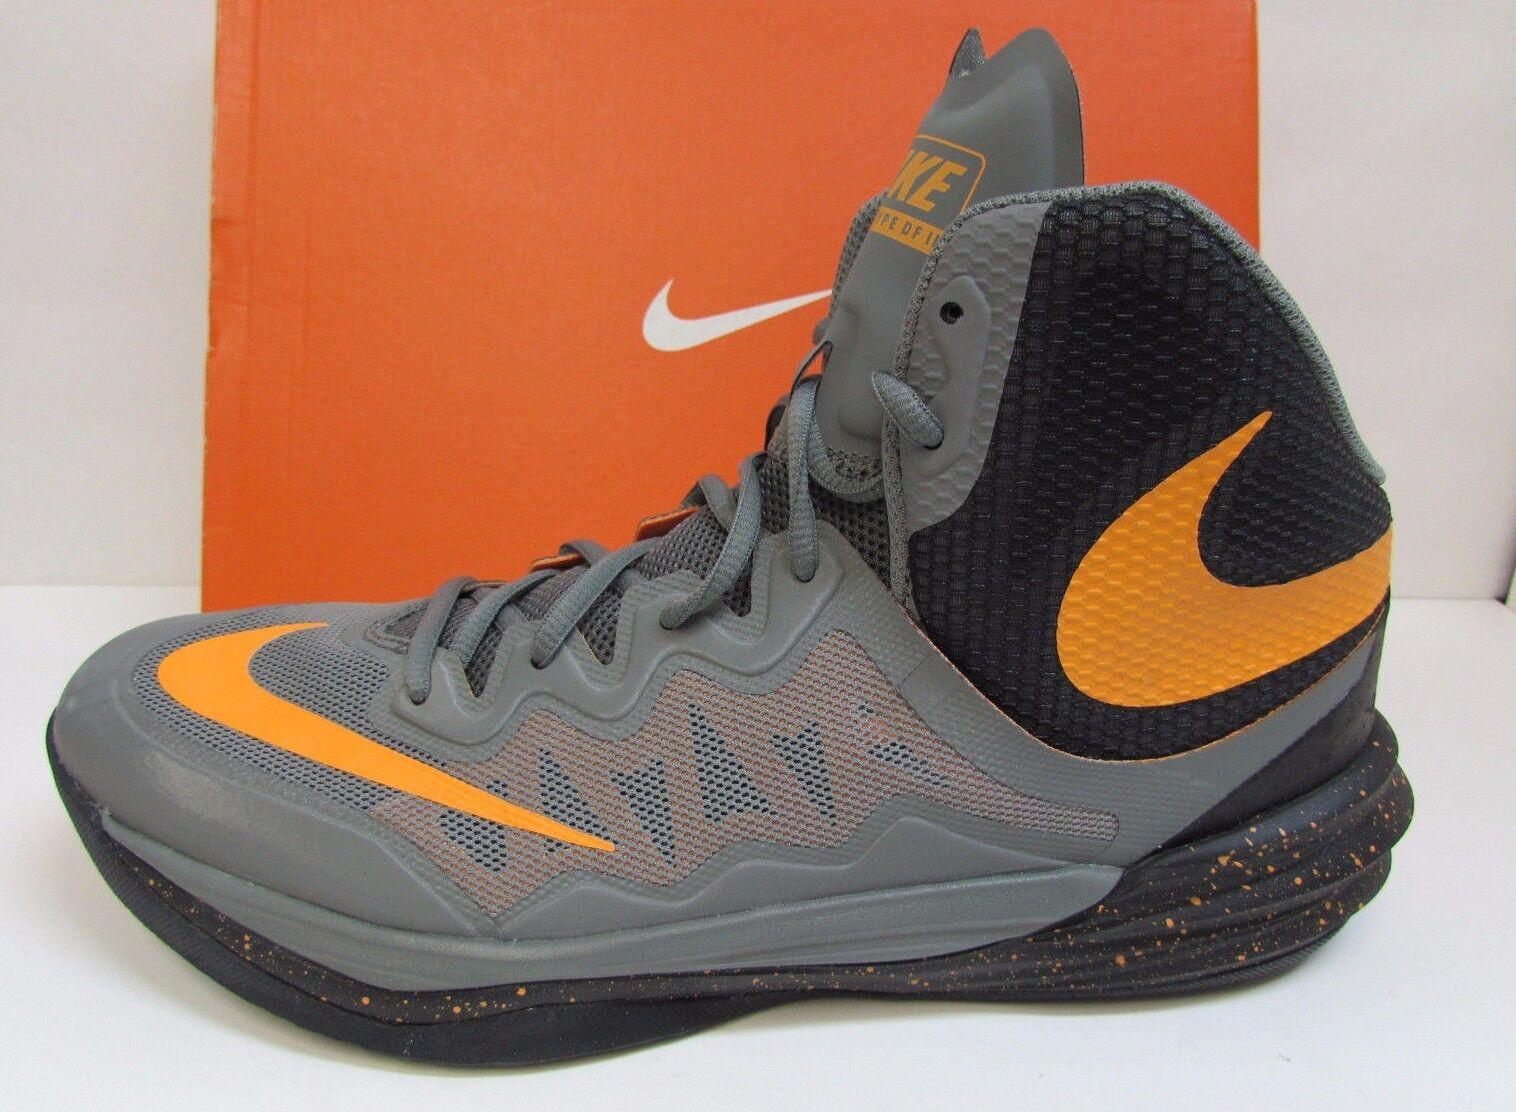 Nike größe 11 grauen herren hohe turnschuhe an neue herren grauen - schuhe 2484e4